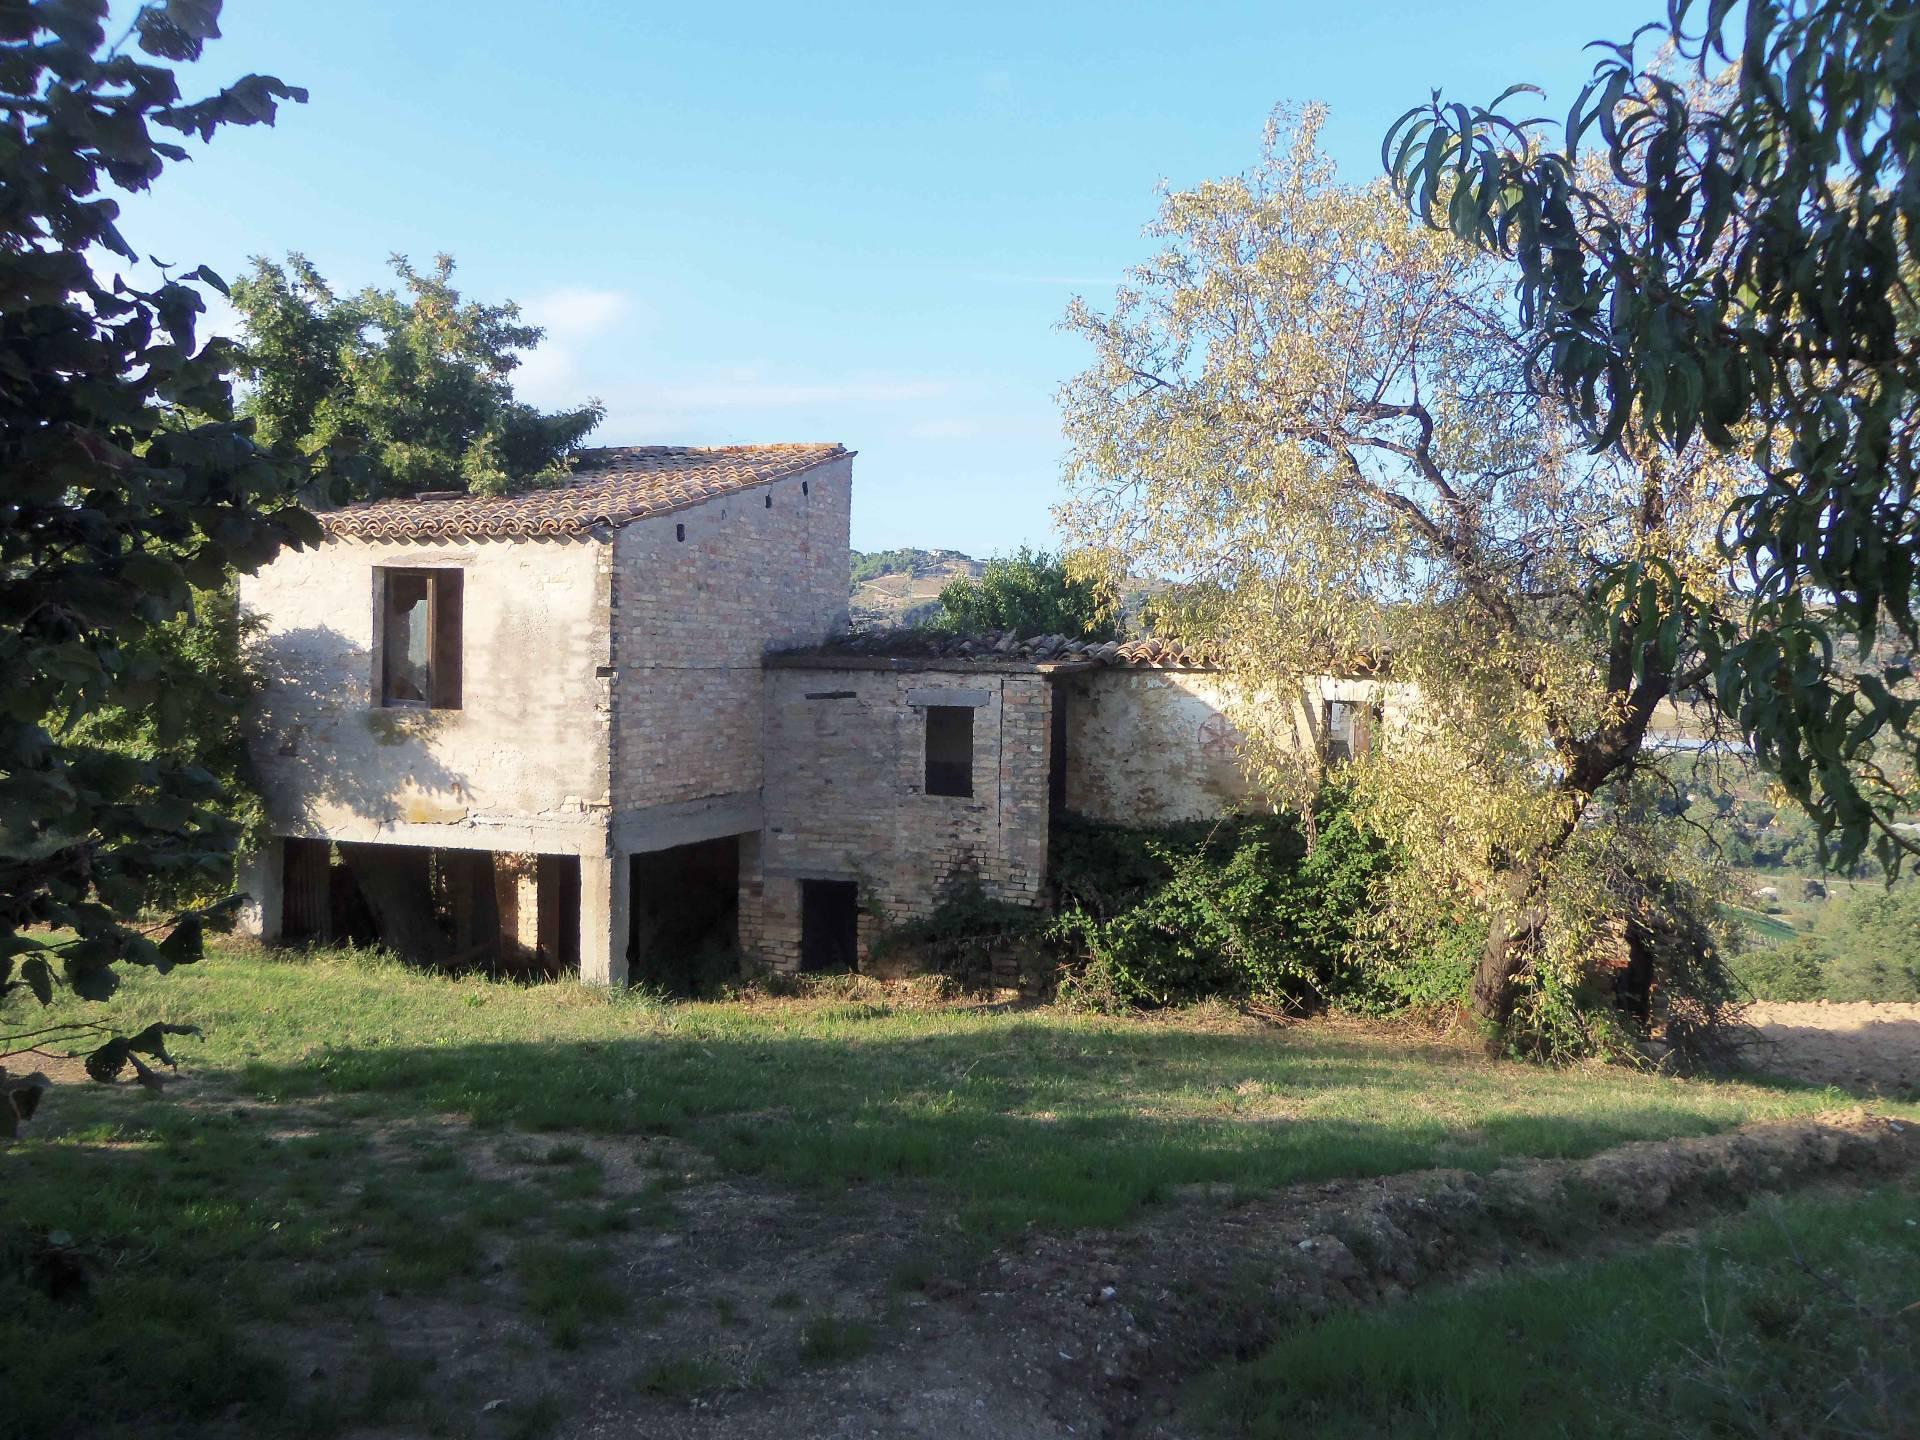 Rustico / Casale in vendita a Acquaviva Picena, 6 locali, prezzo € 120.000 | Cambio Casa.it